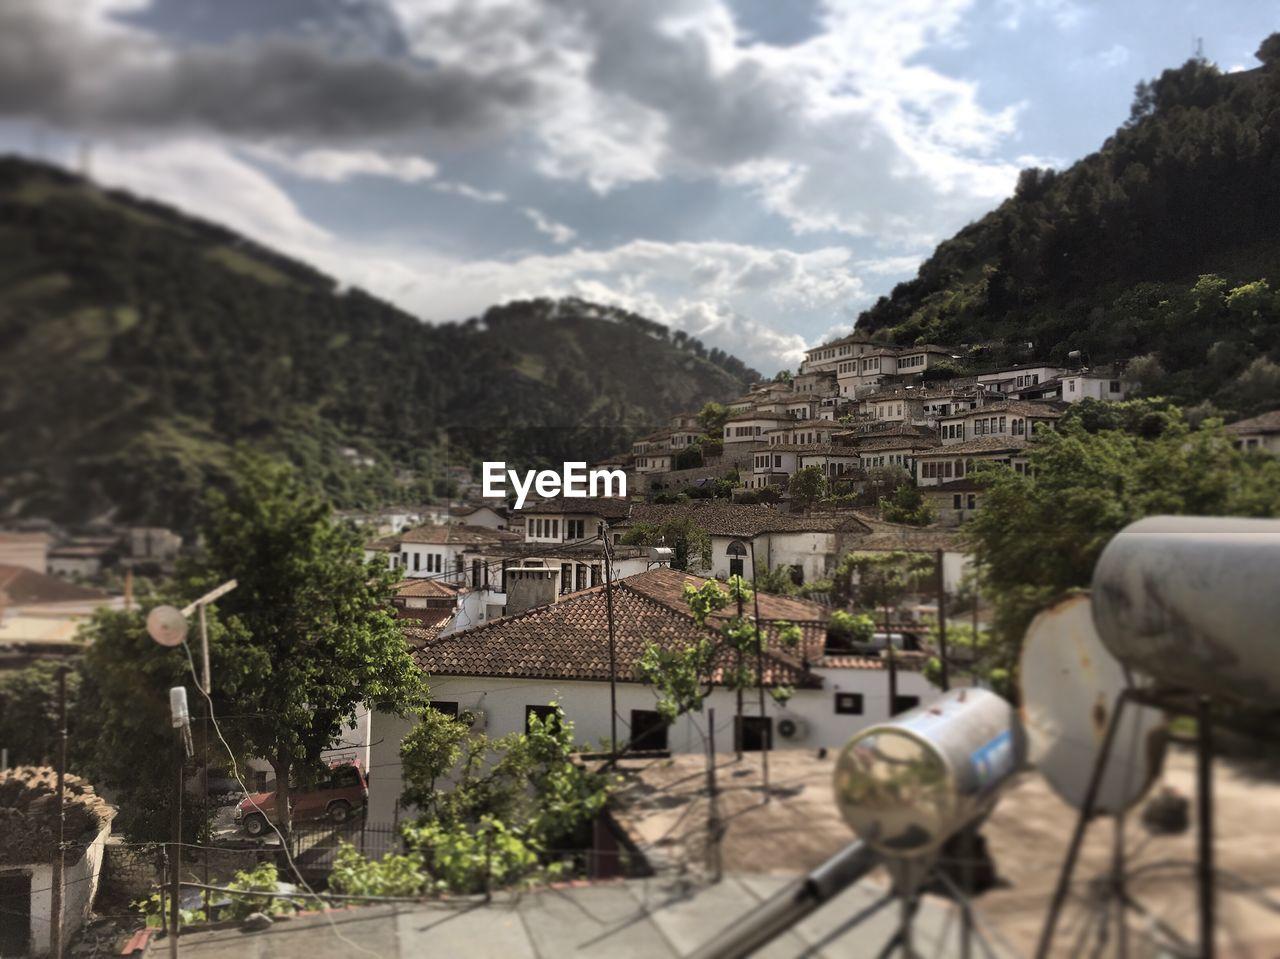 Tilt-Shift Image Of Houses In Town Against Sky